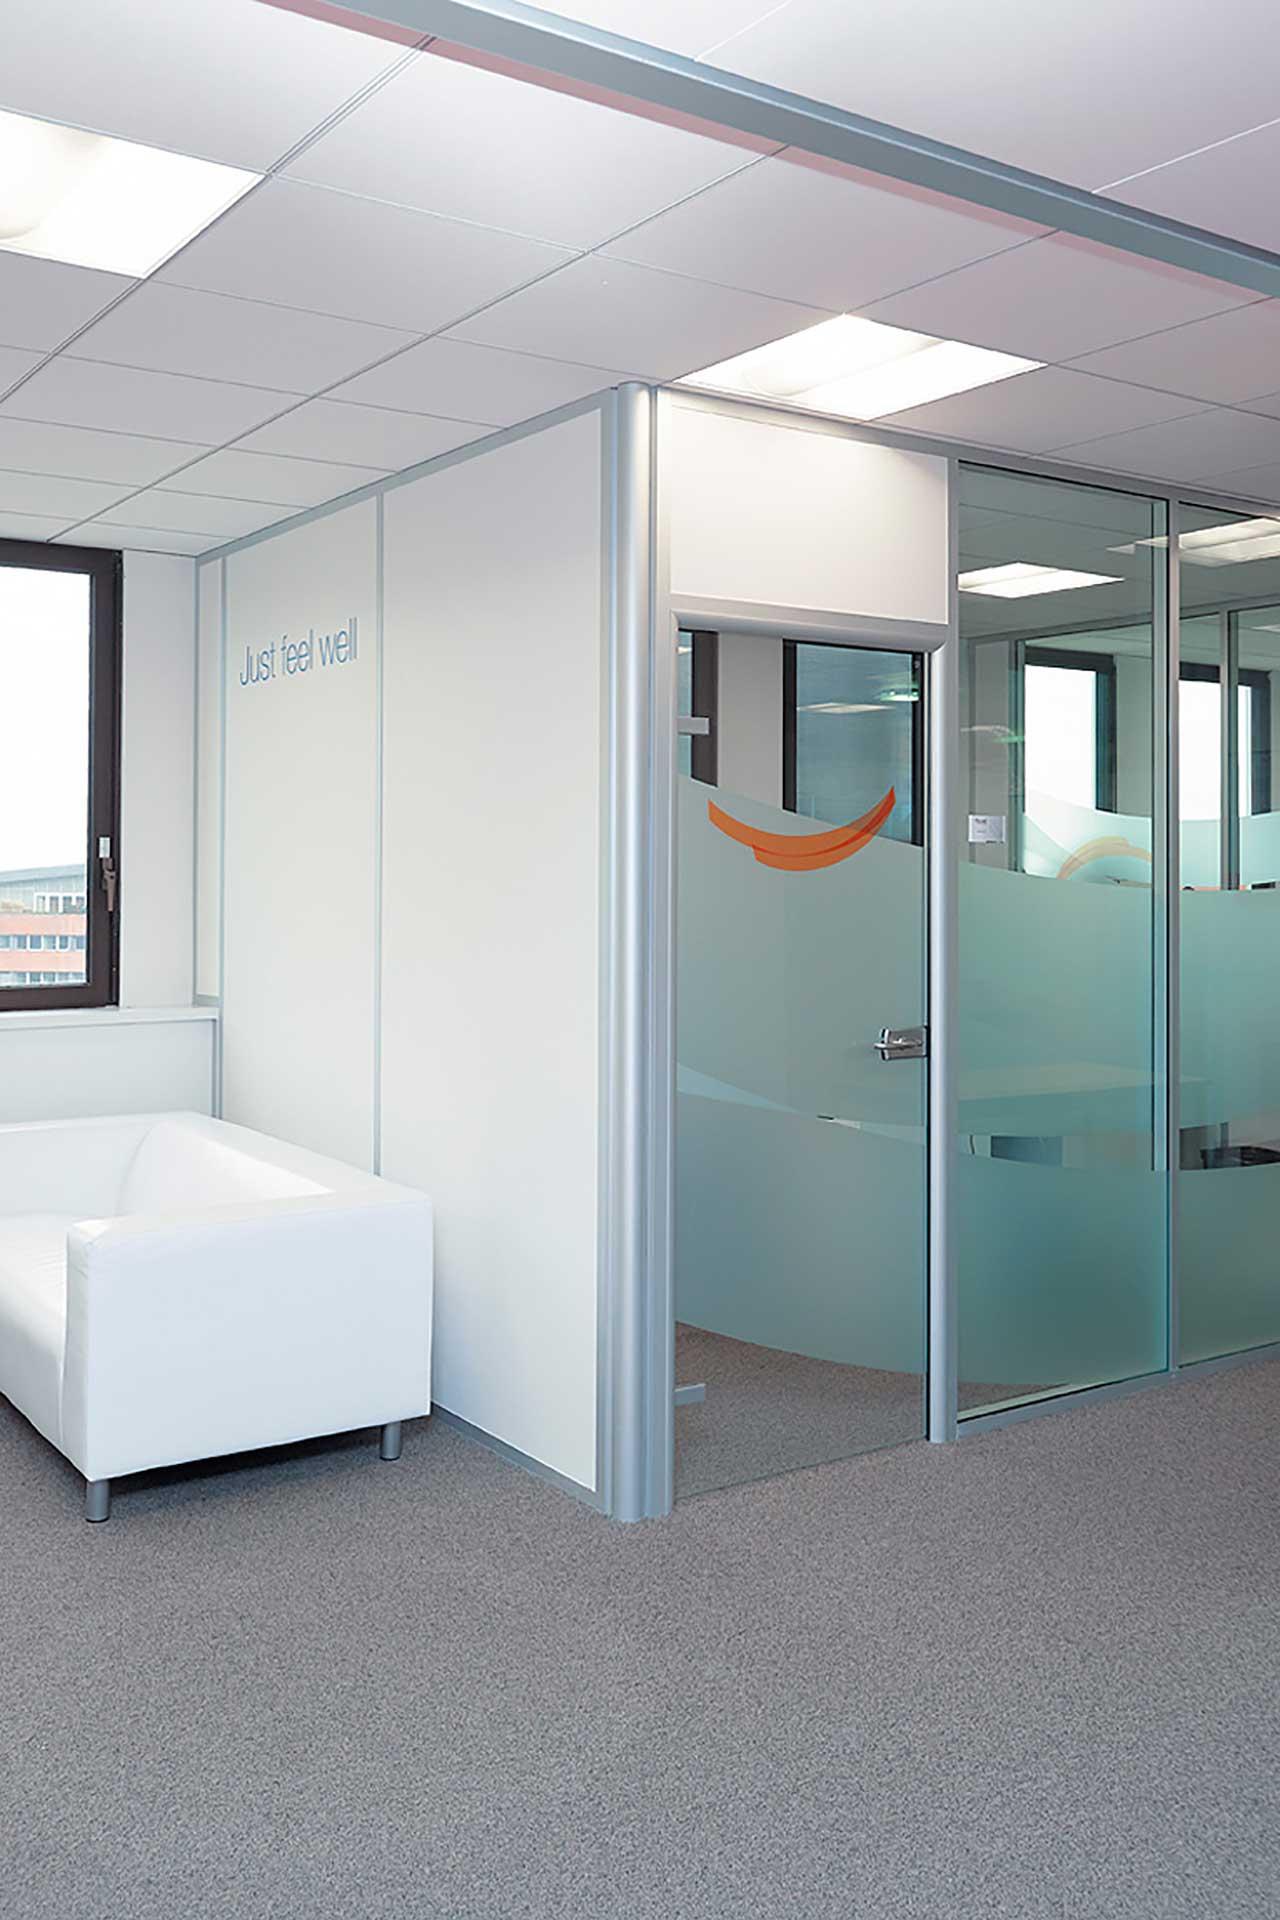 Cloisons amovibles blocs portes clarit simple vantail